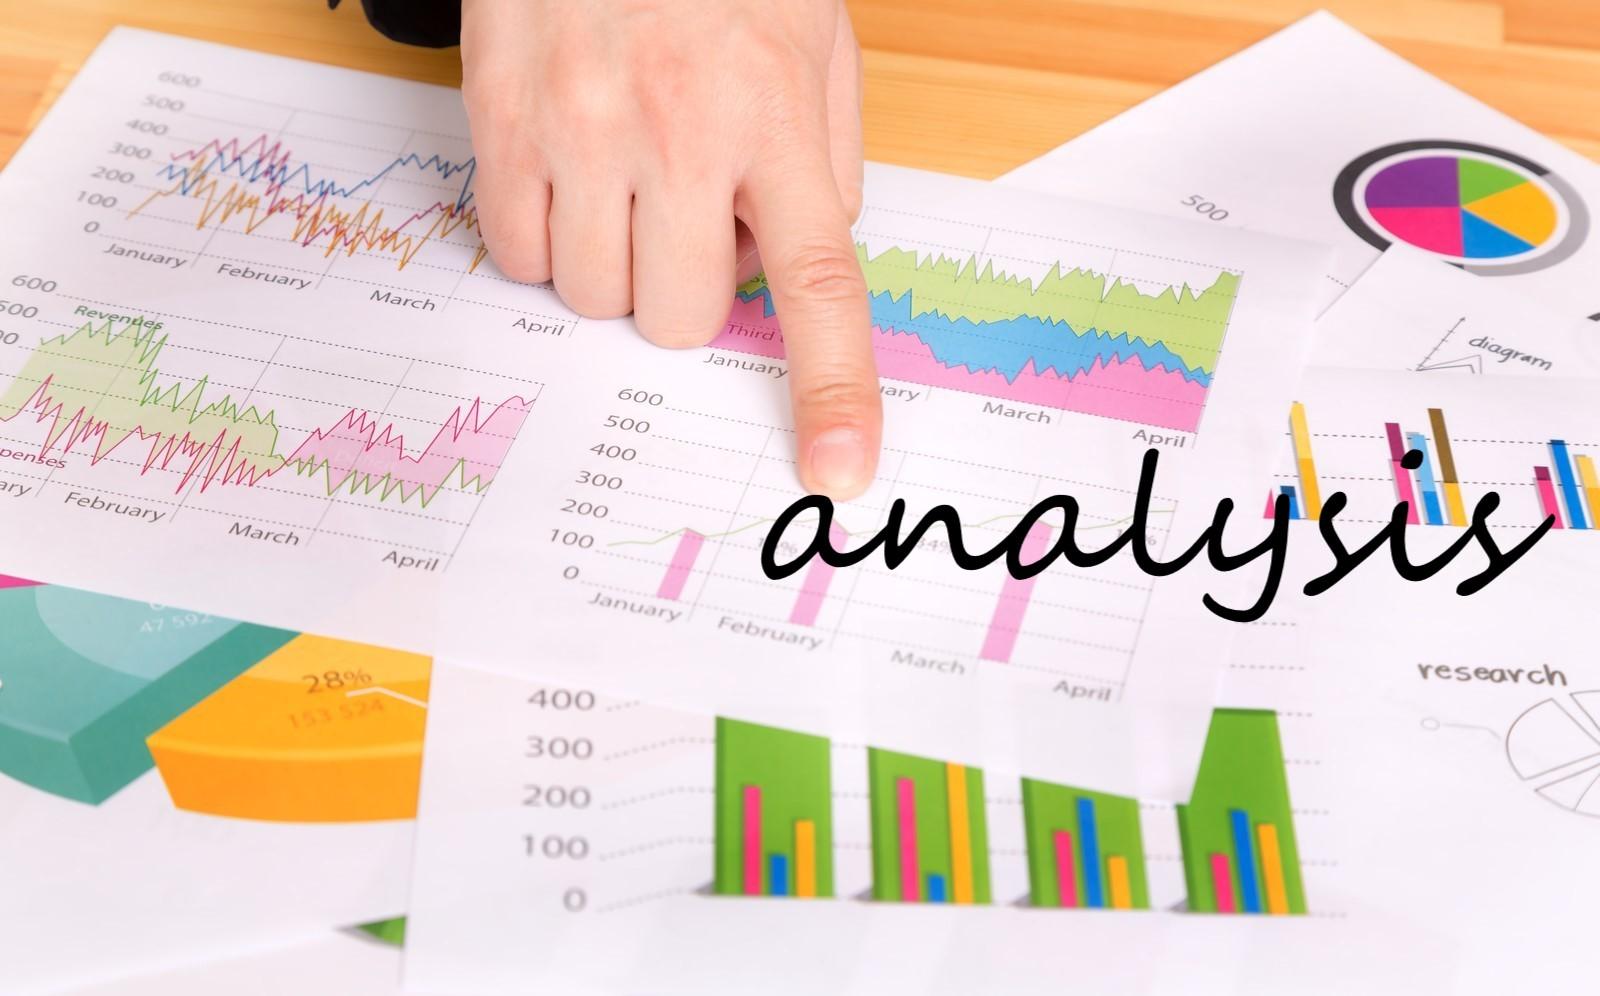 【自社も他社も】サイト分析を簡単に!無料分析ツール4選